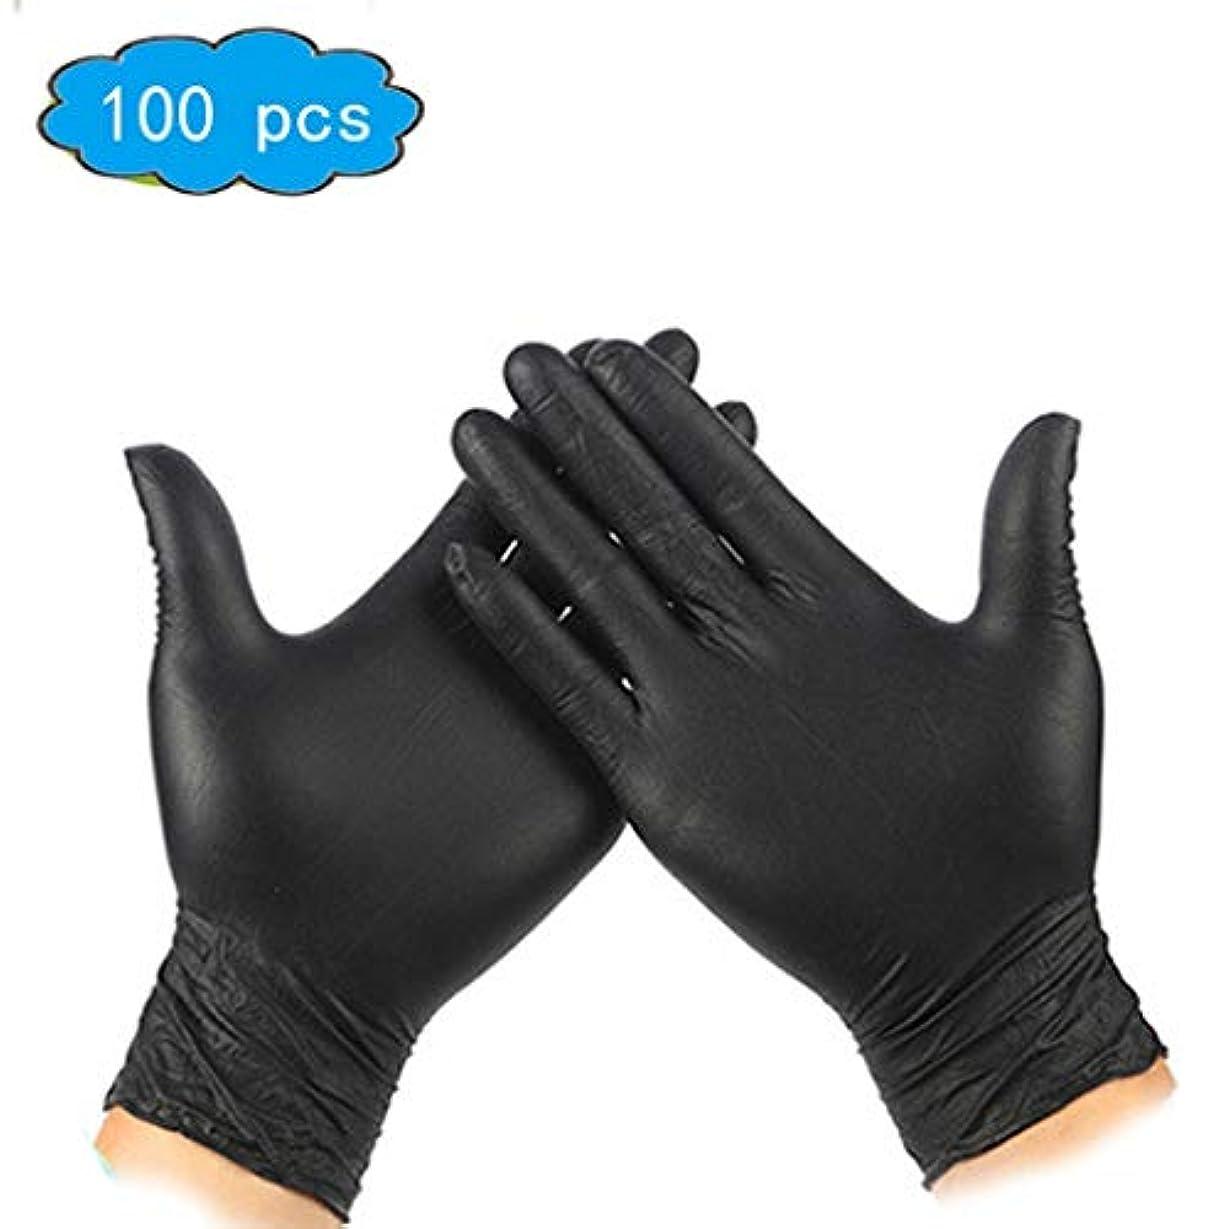 シャーロットブロンテ突然警告するパウダーフリーブラックニトリル検査用手袋、指ヒント質感、100のボックス (Color : Black, Size : L)